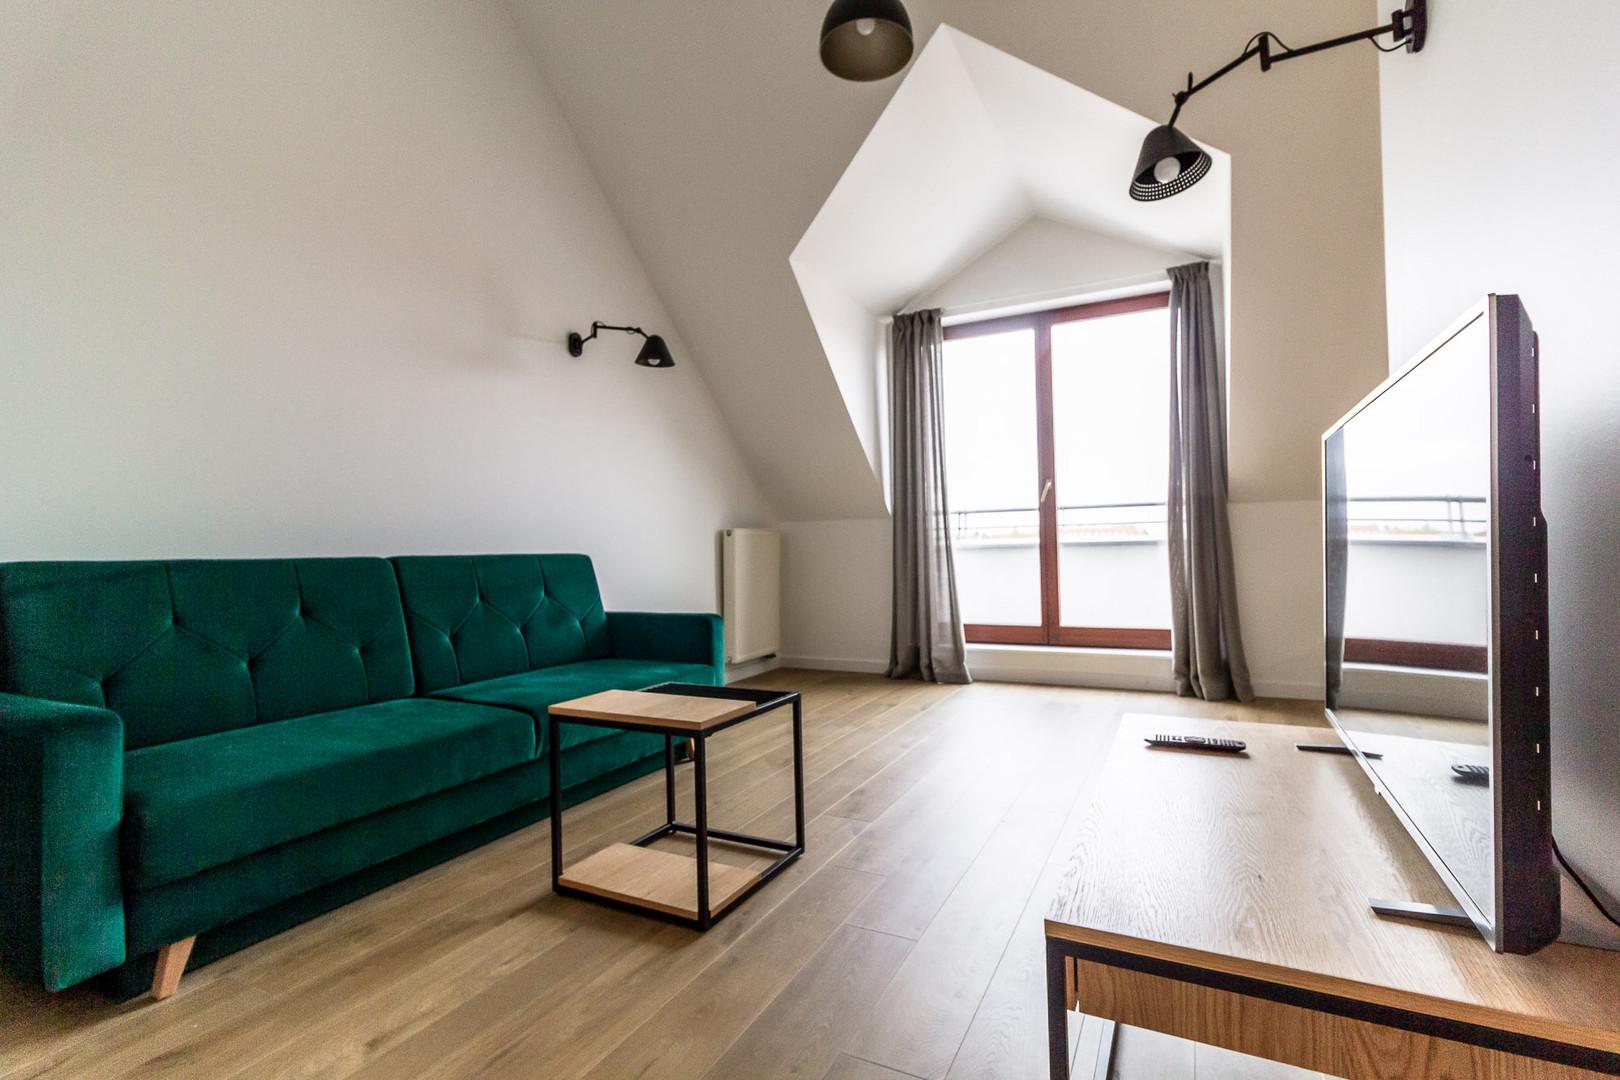 Poznan Szyperska Apartments-3.jpg